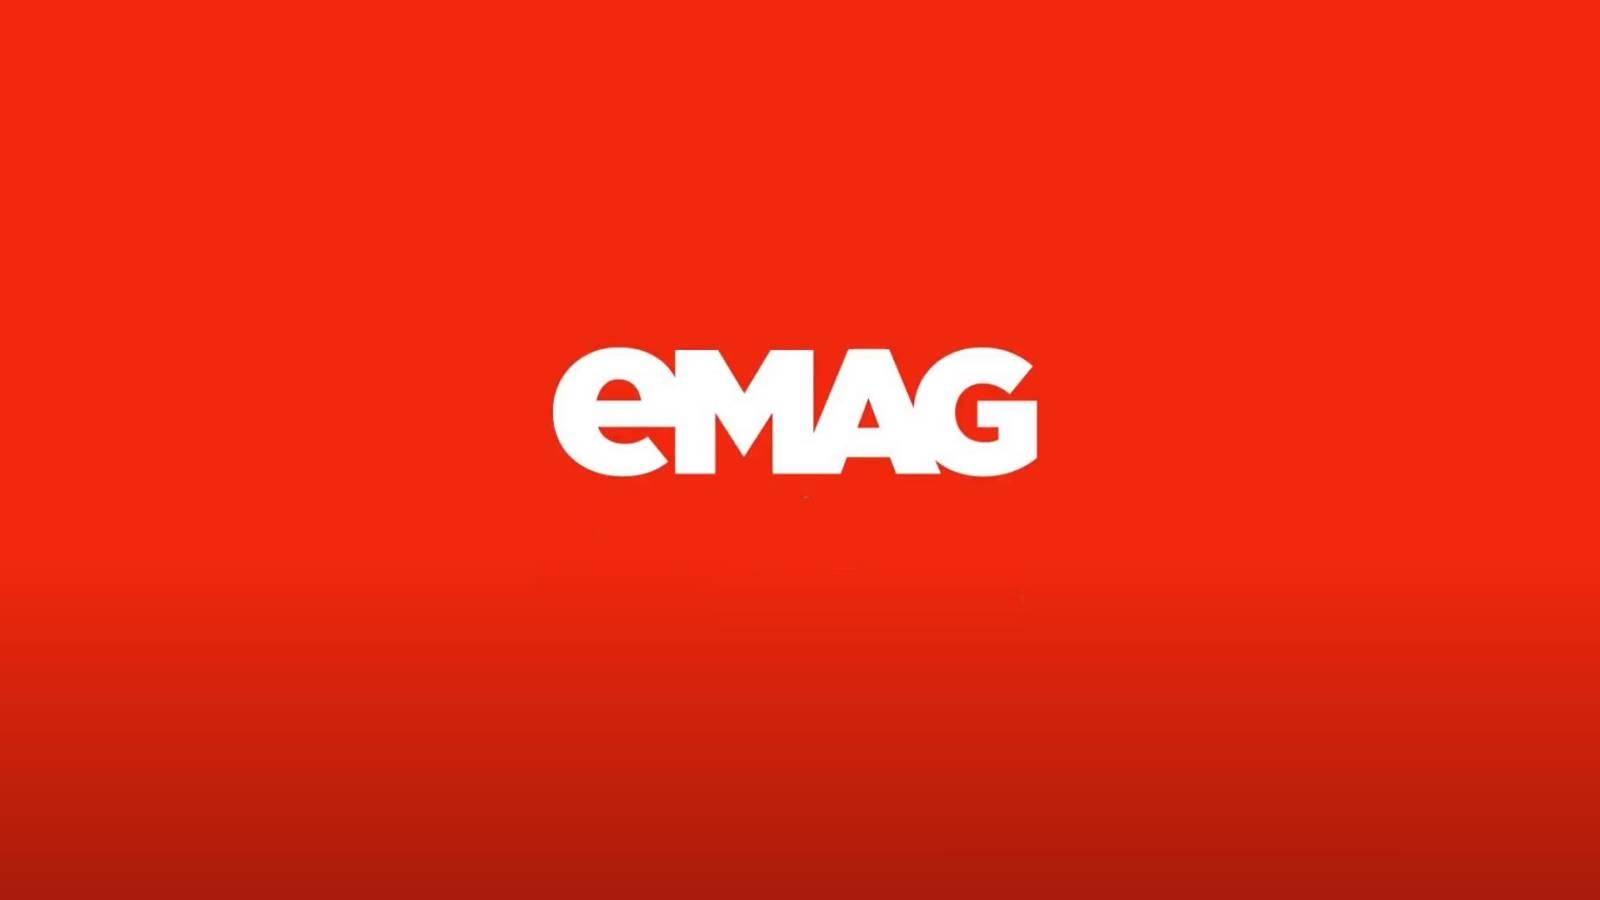 eMAG reduceri spring sale